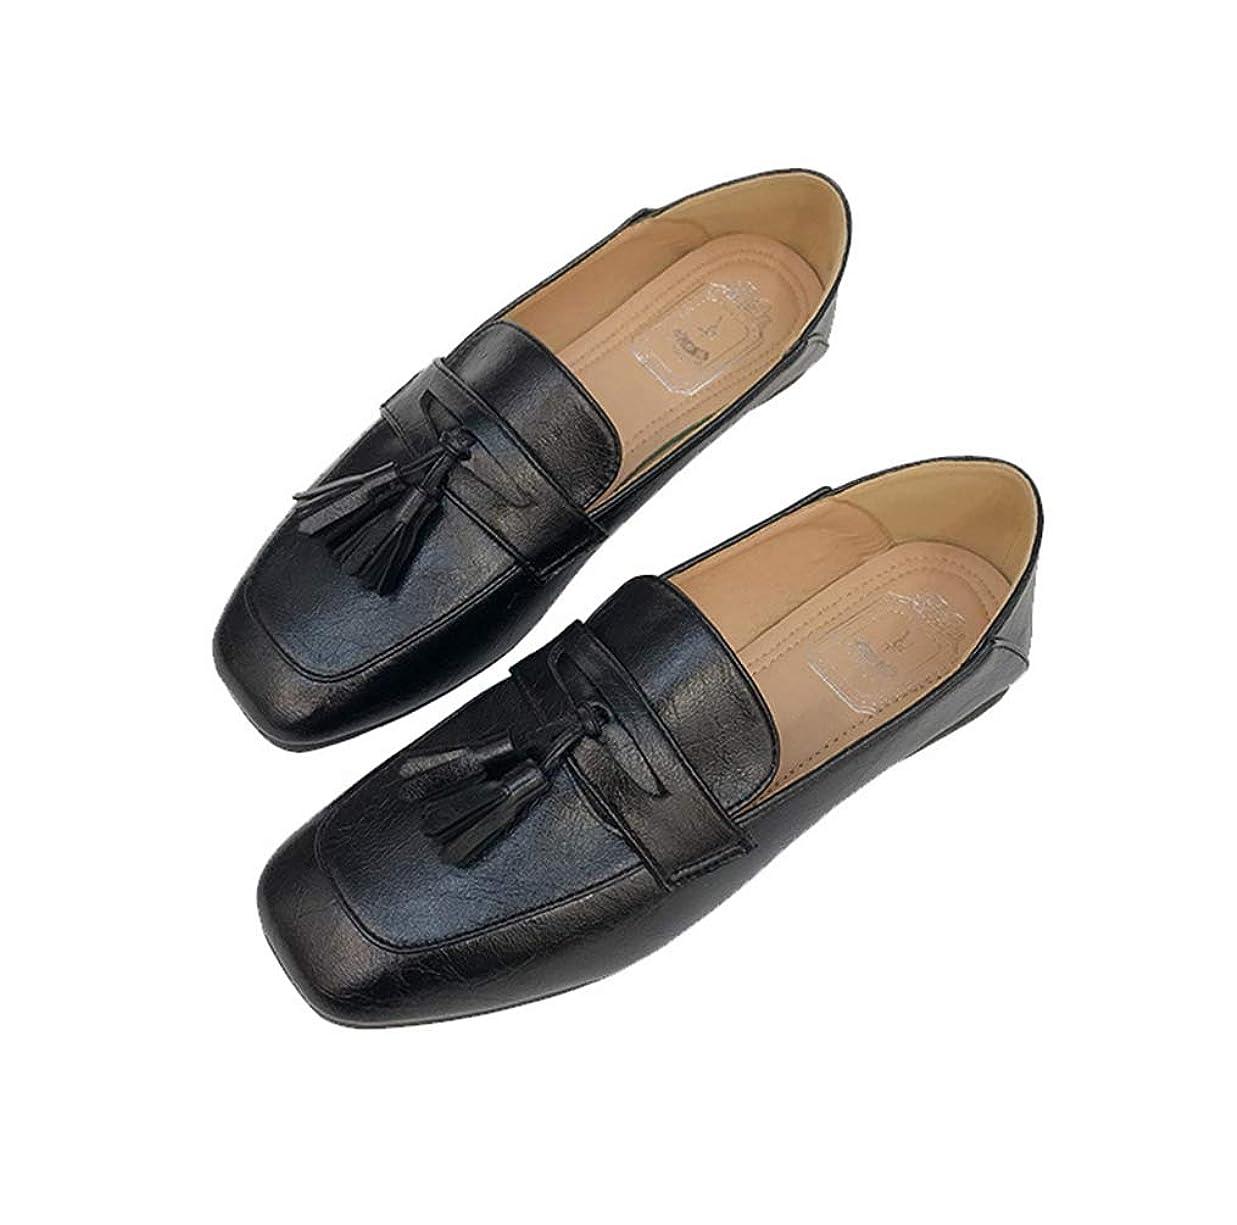 エチケットリッチ贅沢な[ツネユウシューズ] ローファー レディース 大人 大きいサイズ 黒 ブラック 履きやすい 疲れない カジュアル 通学 リボン タッセル 小さいサイズ 26cm 歩きやすい 痛くない スクエアトゥ 旅行 おしゃれ 学生 軽量 可愛い 婦人靴 制服 靴 春夏 秋